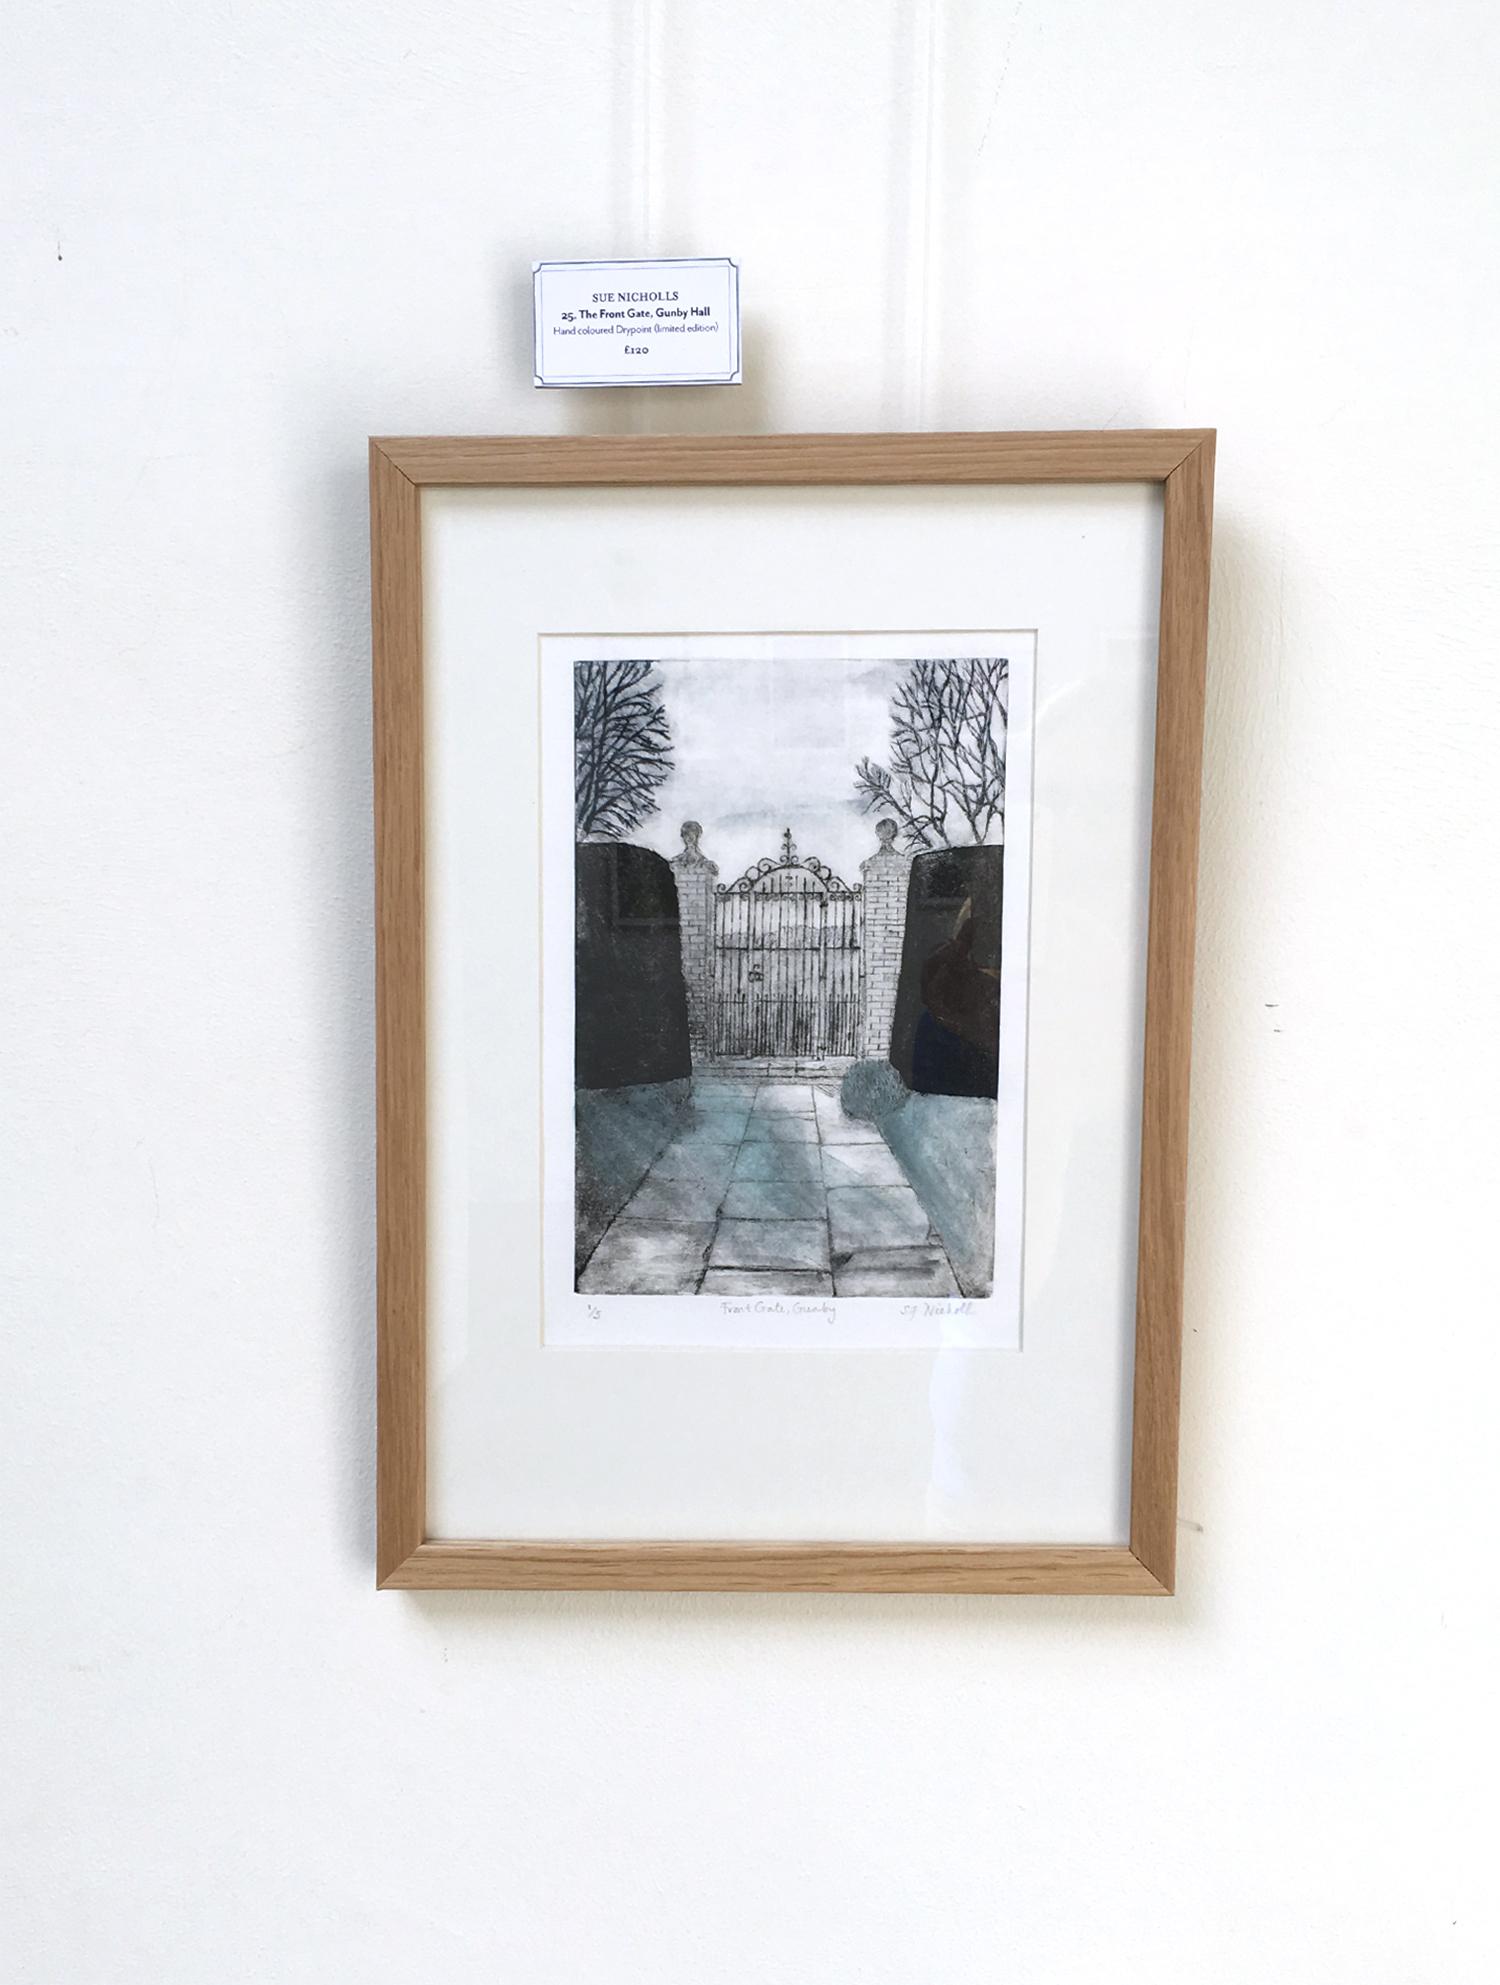 Sue Nicholls Front Gates Gunby Hall